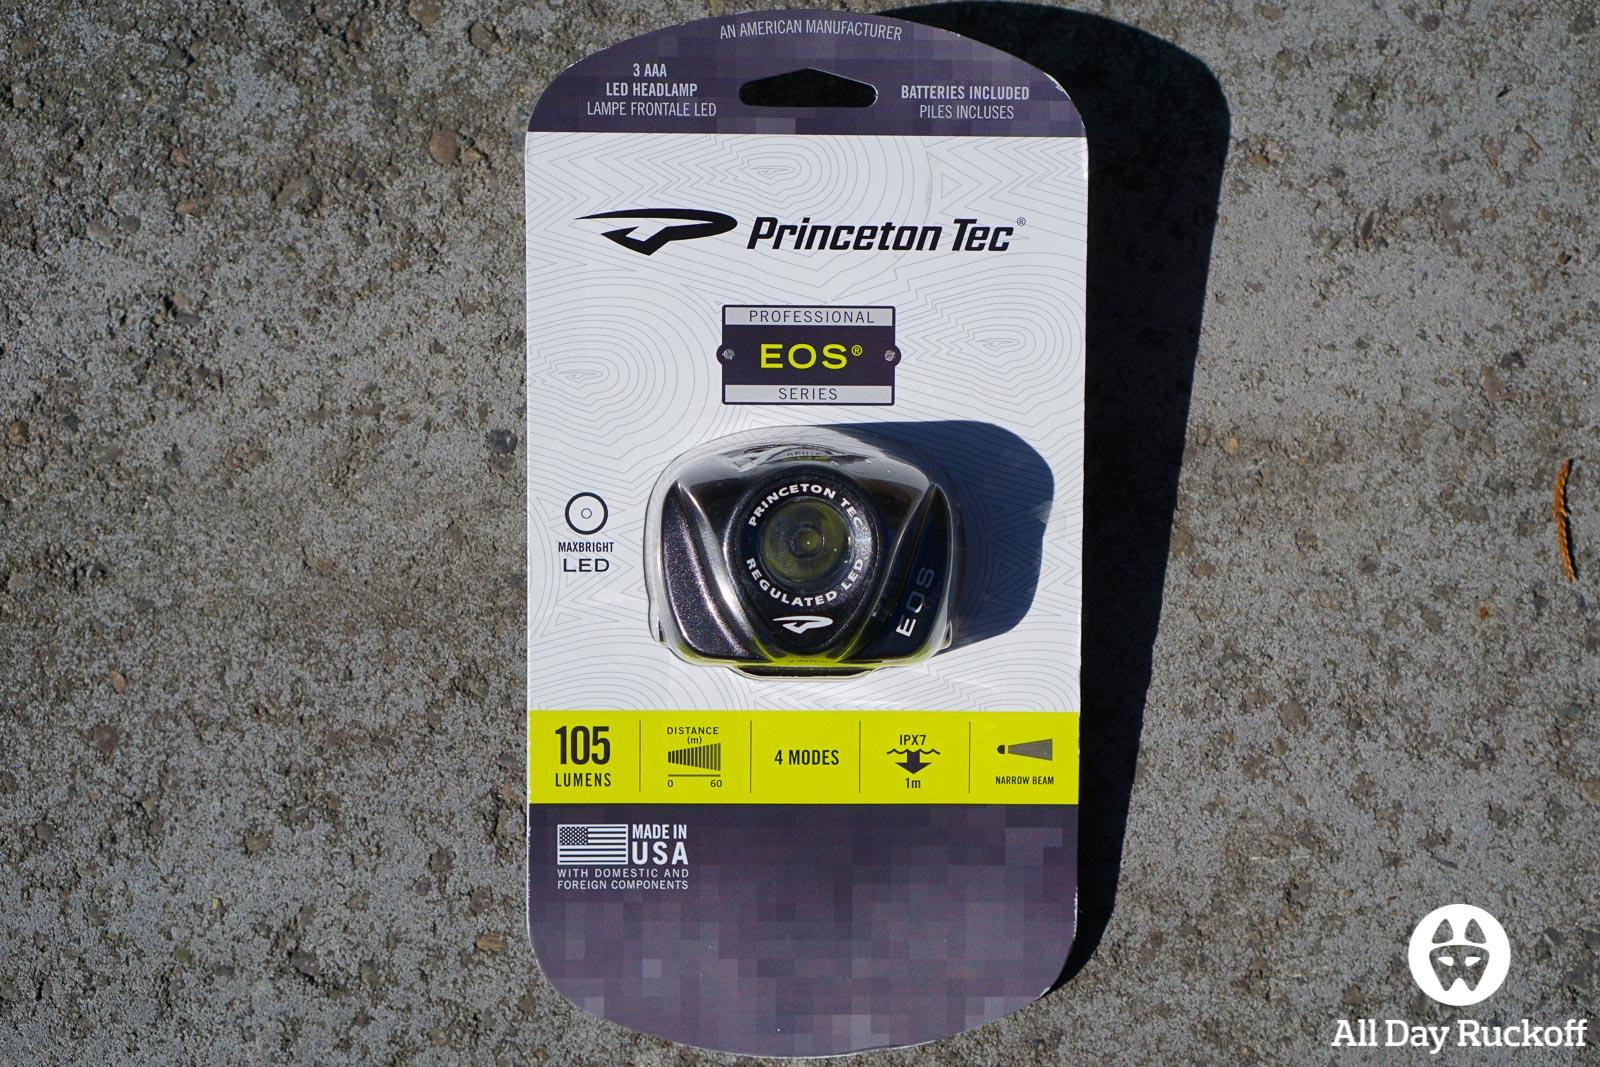 Princeton Tec EOS - Box Front